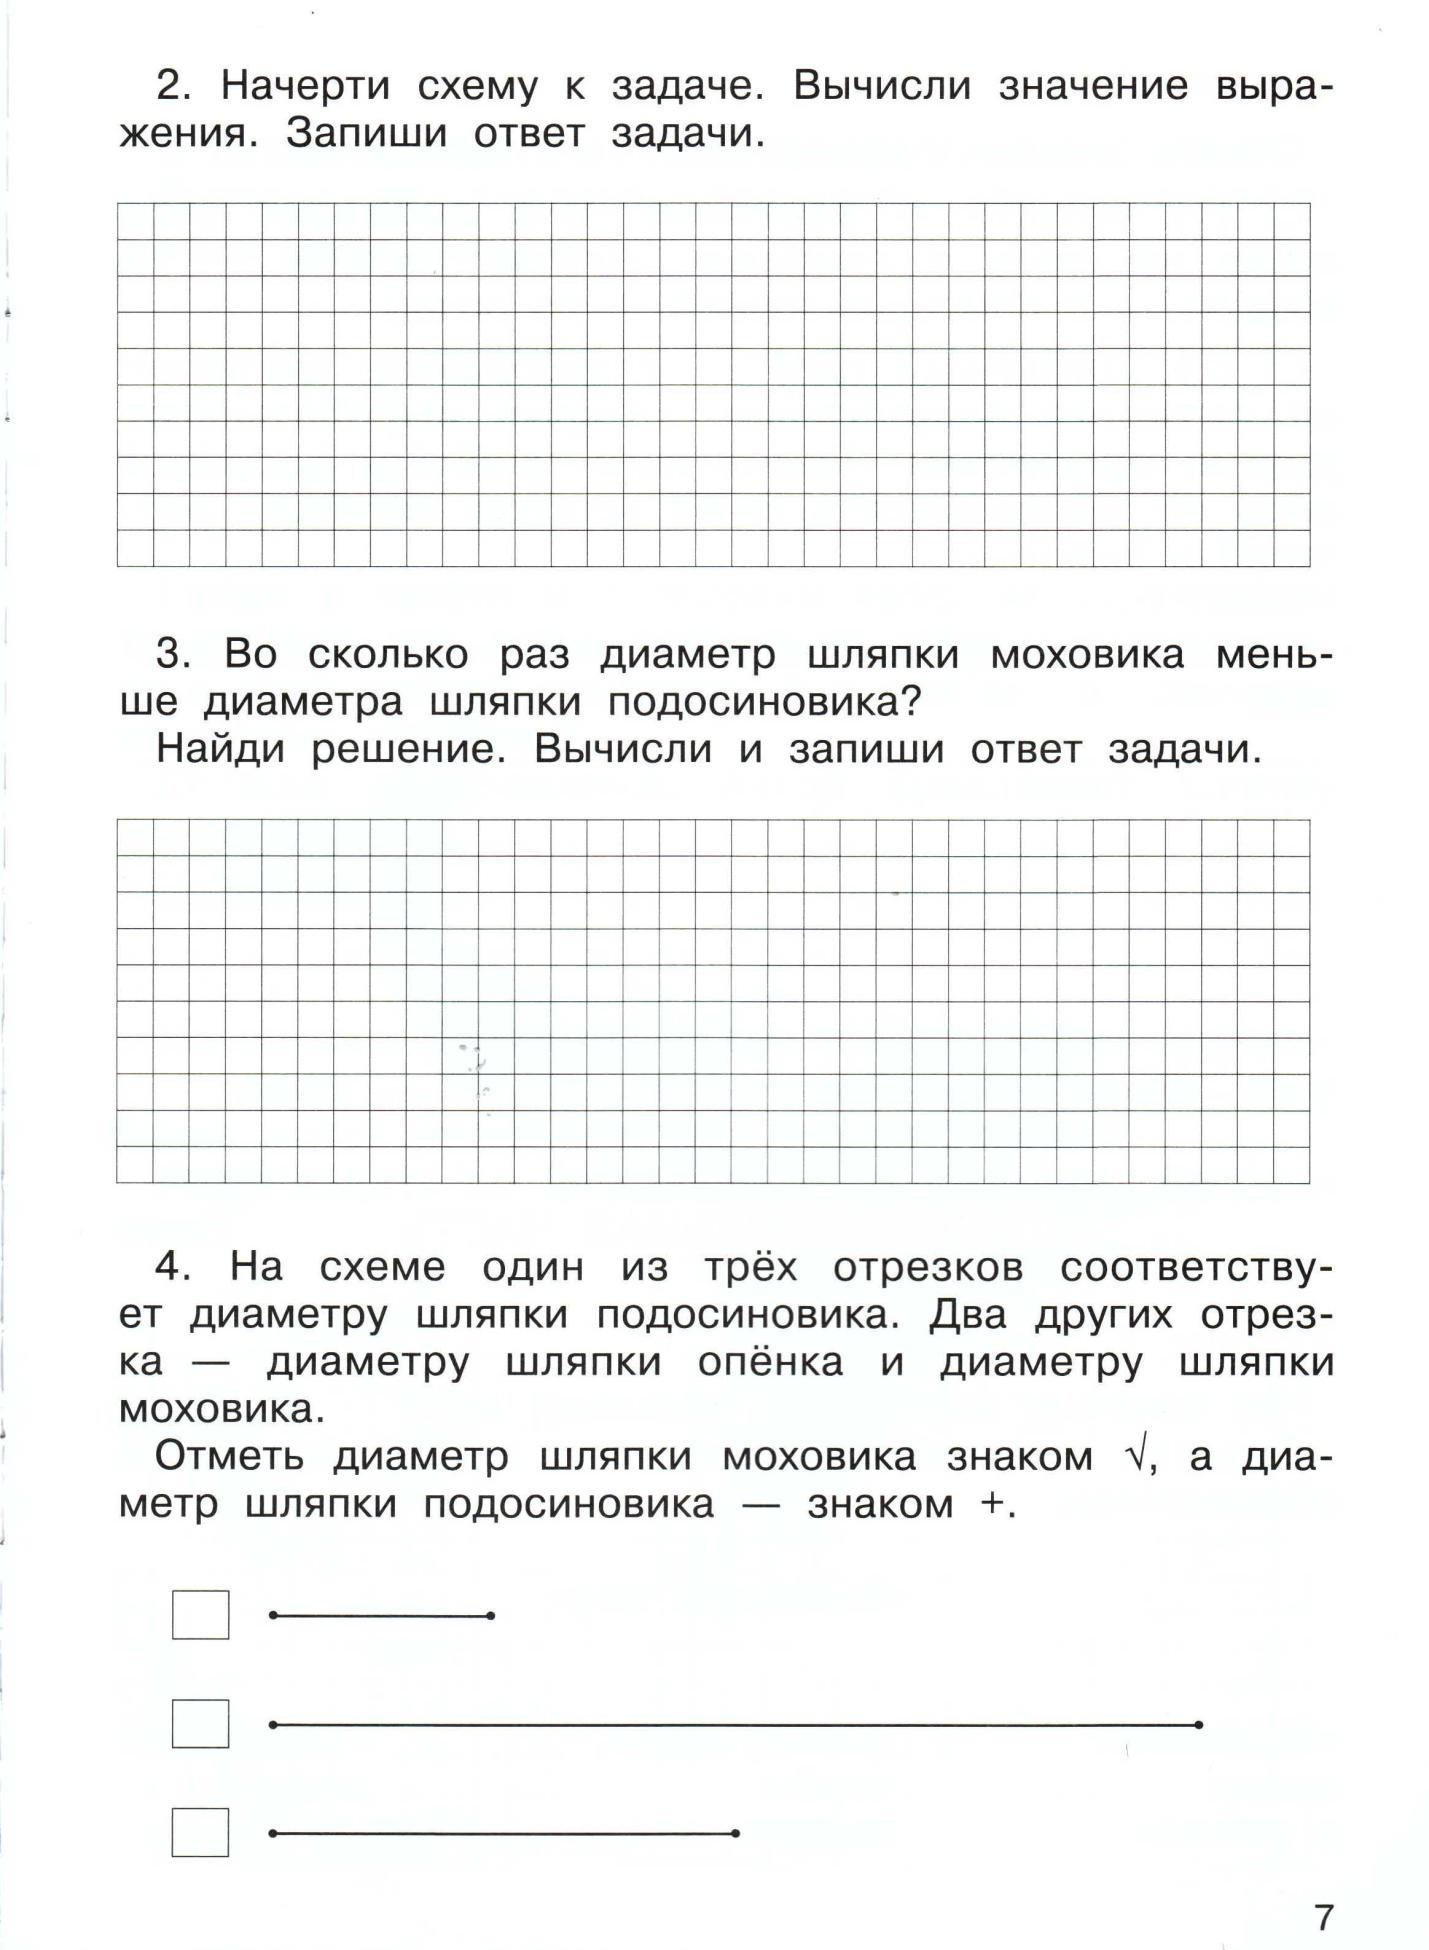 Всемирнаяистория 8 класс лихтей гдз без регистрации